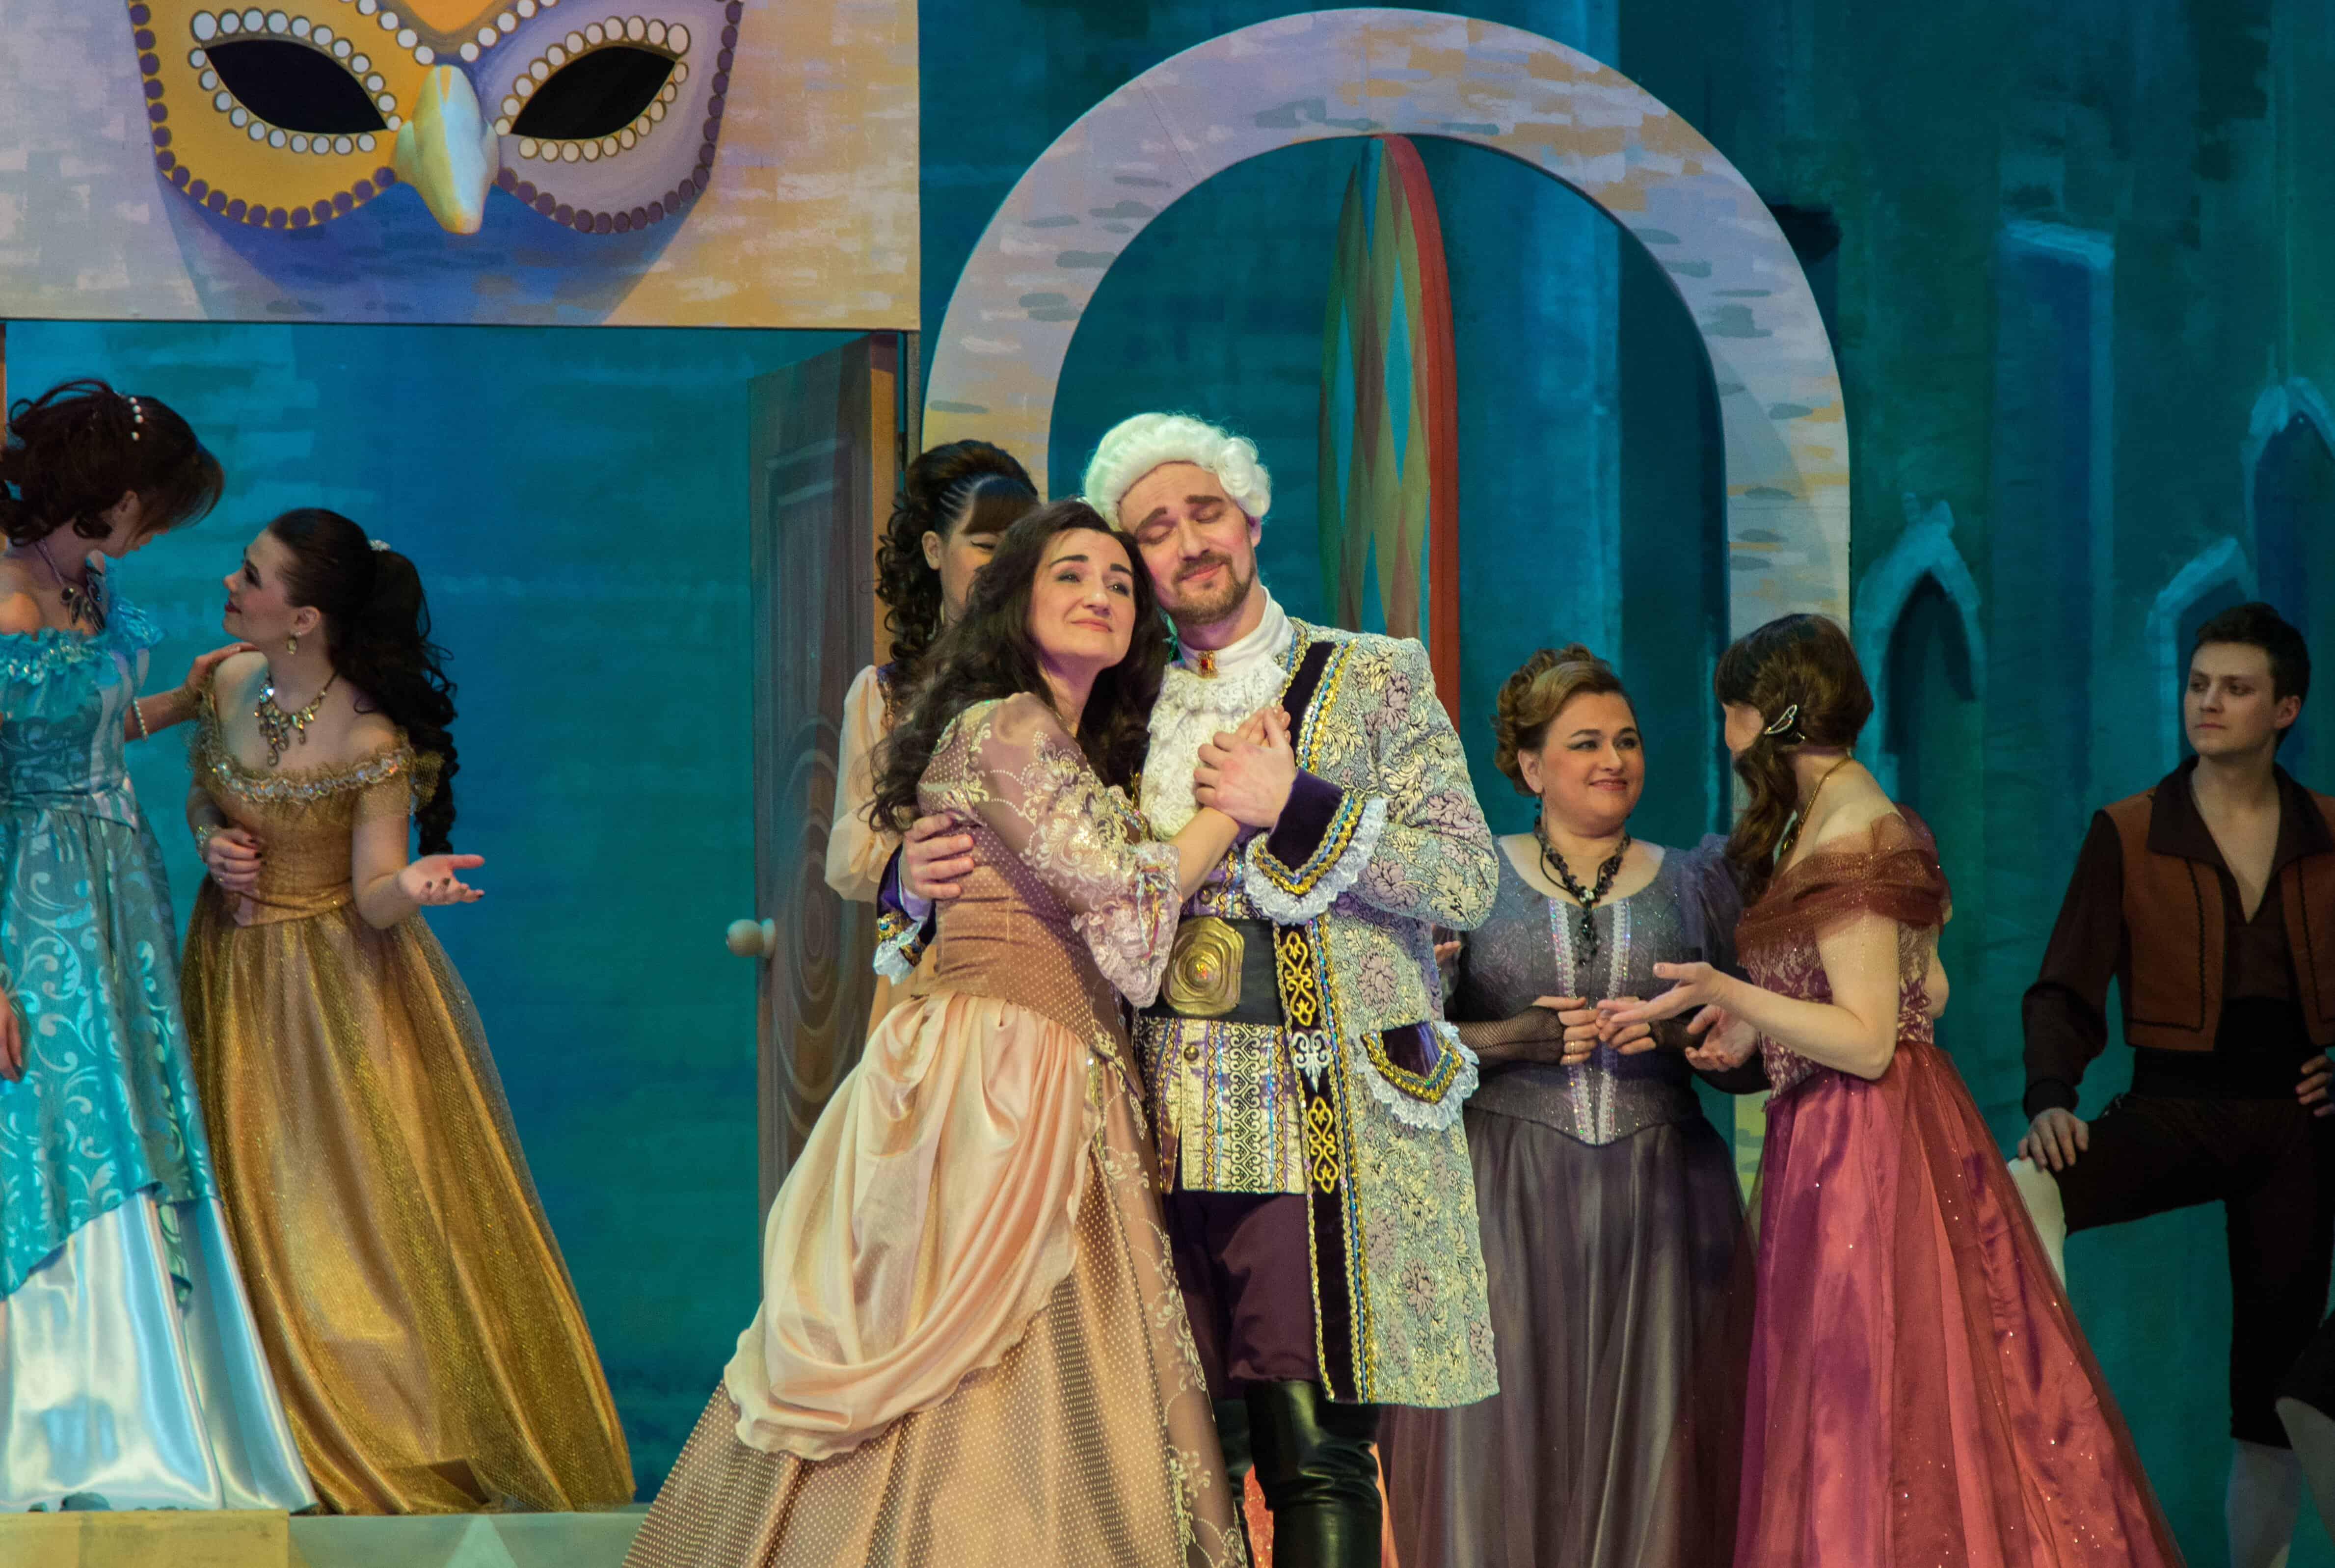 «Труффальдино из Бергамо»: в начале была Любовь «Труффальдино из Бергамо»: в начале была Любовь IMG 1758